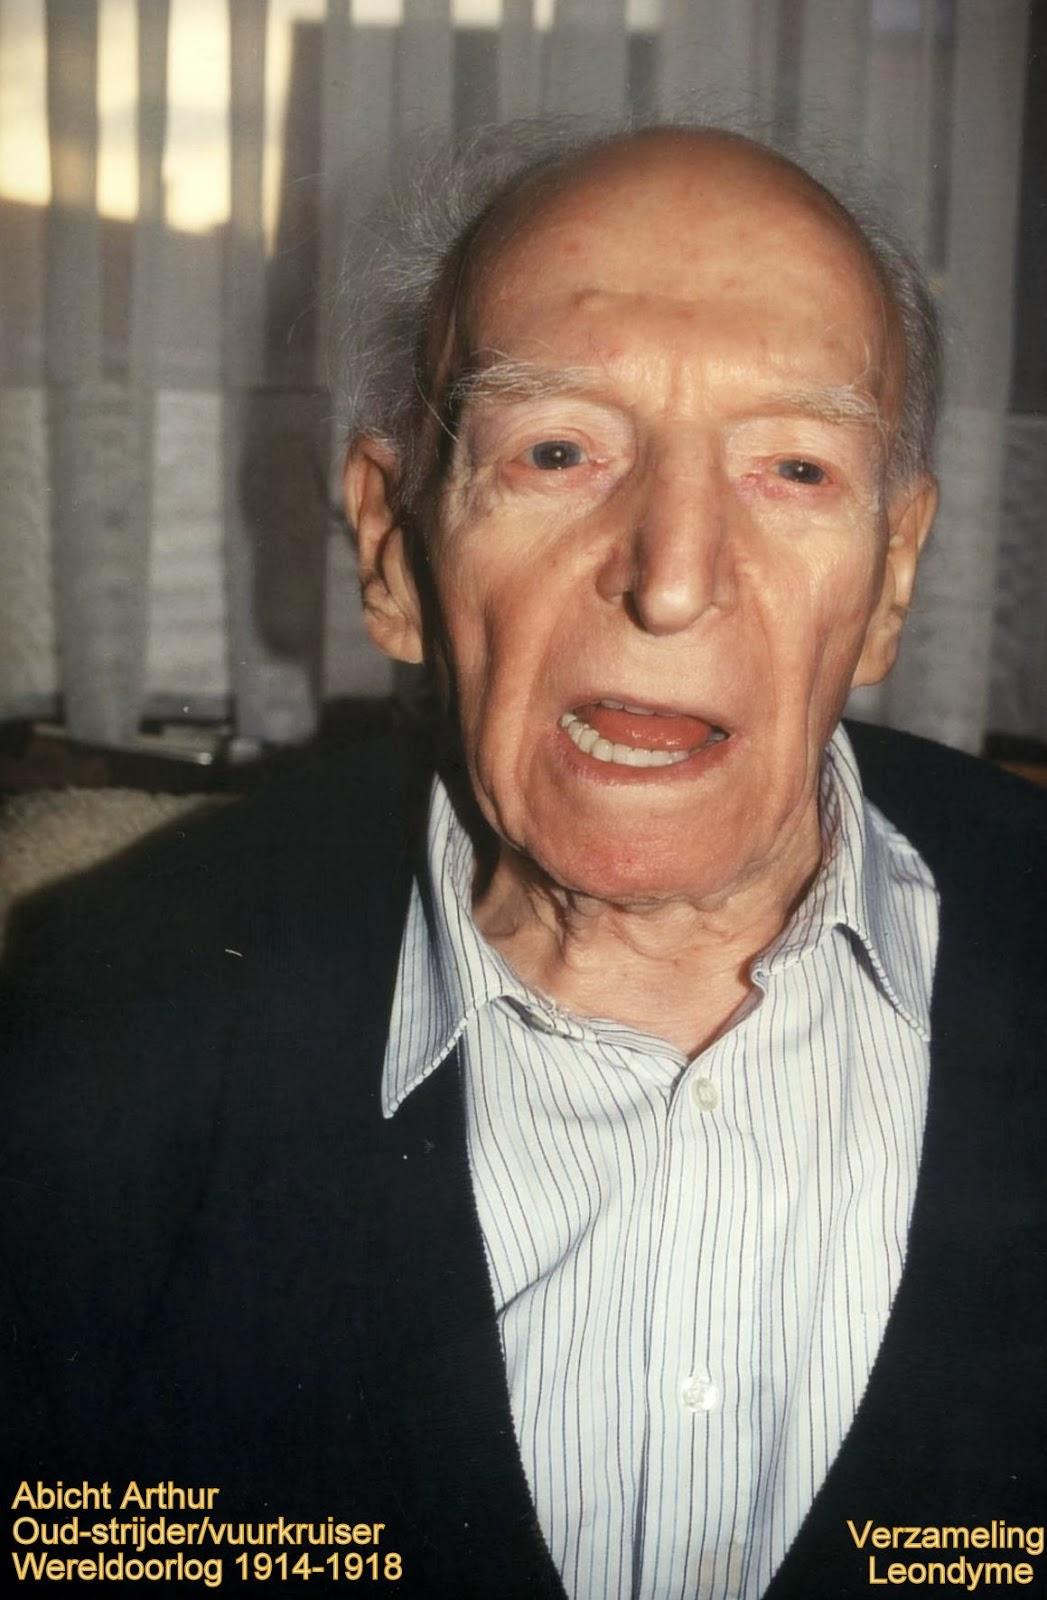 Honderdjarige oud-strijder en vuurkruiser Arthur Abicht 1896-1997